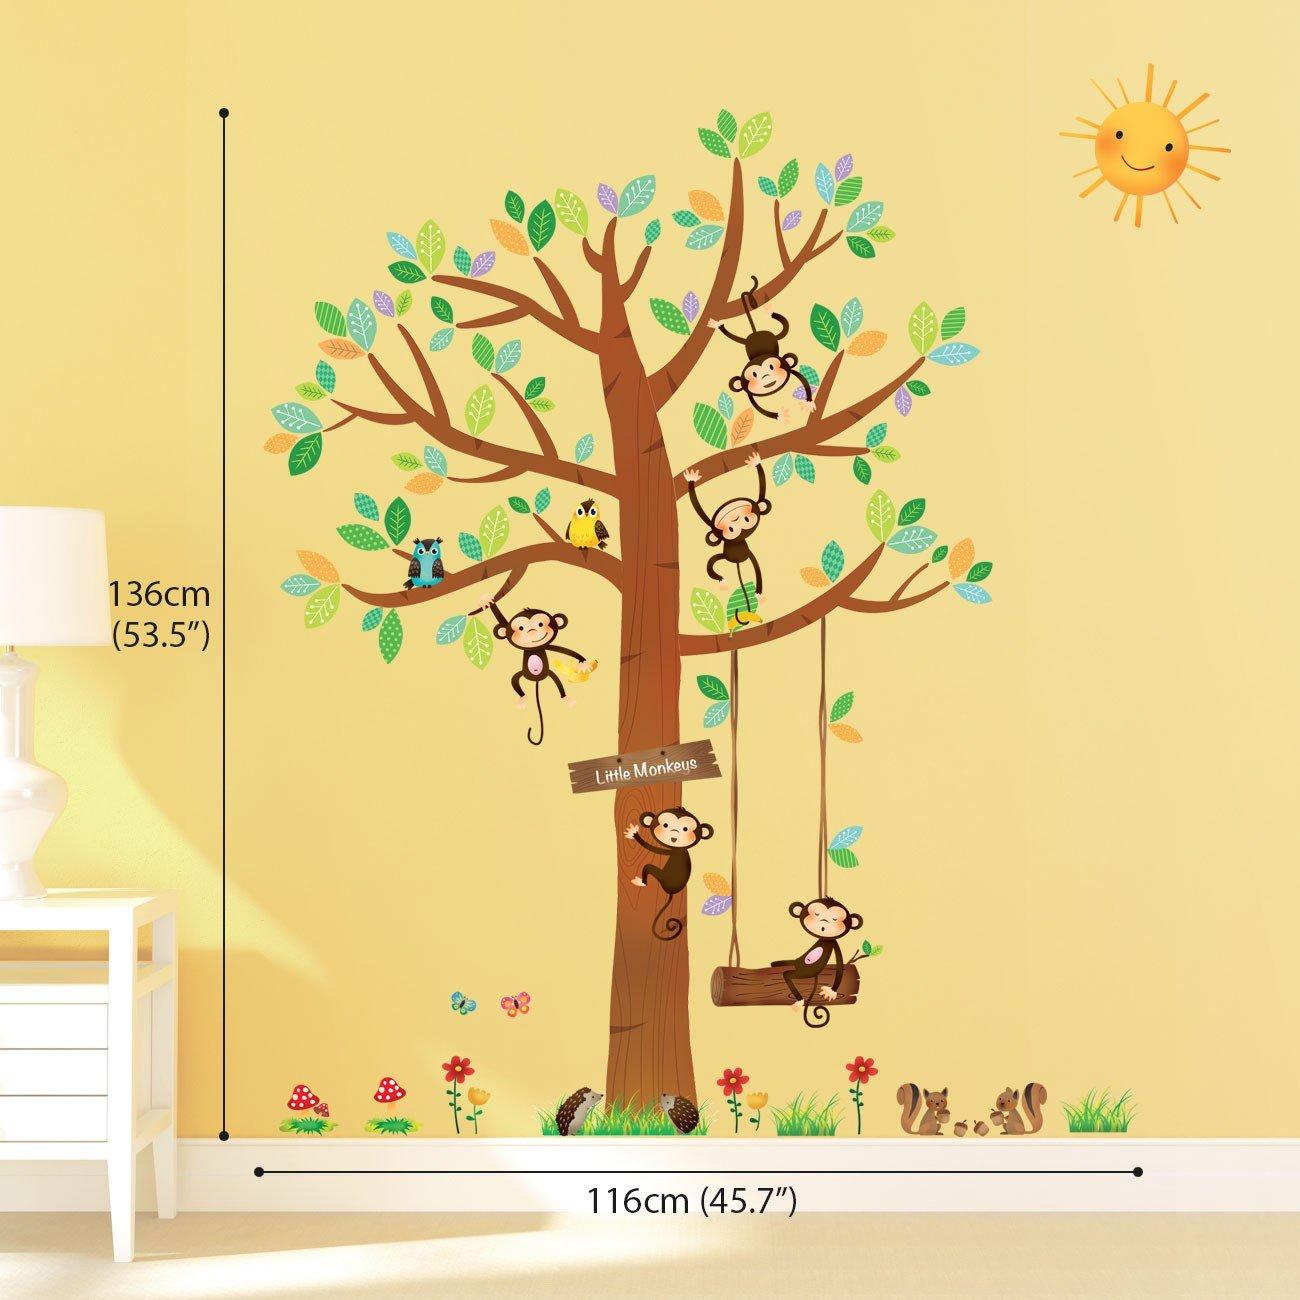 Decowall DM-1401 5 Little Monkeys Tree Kids Wall Stickers Wall ...